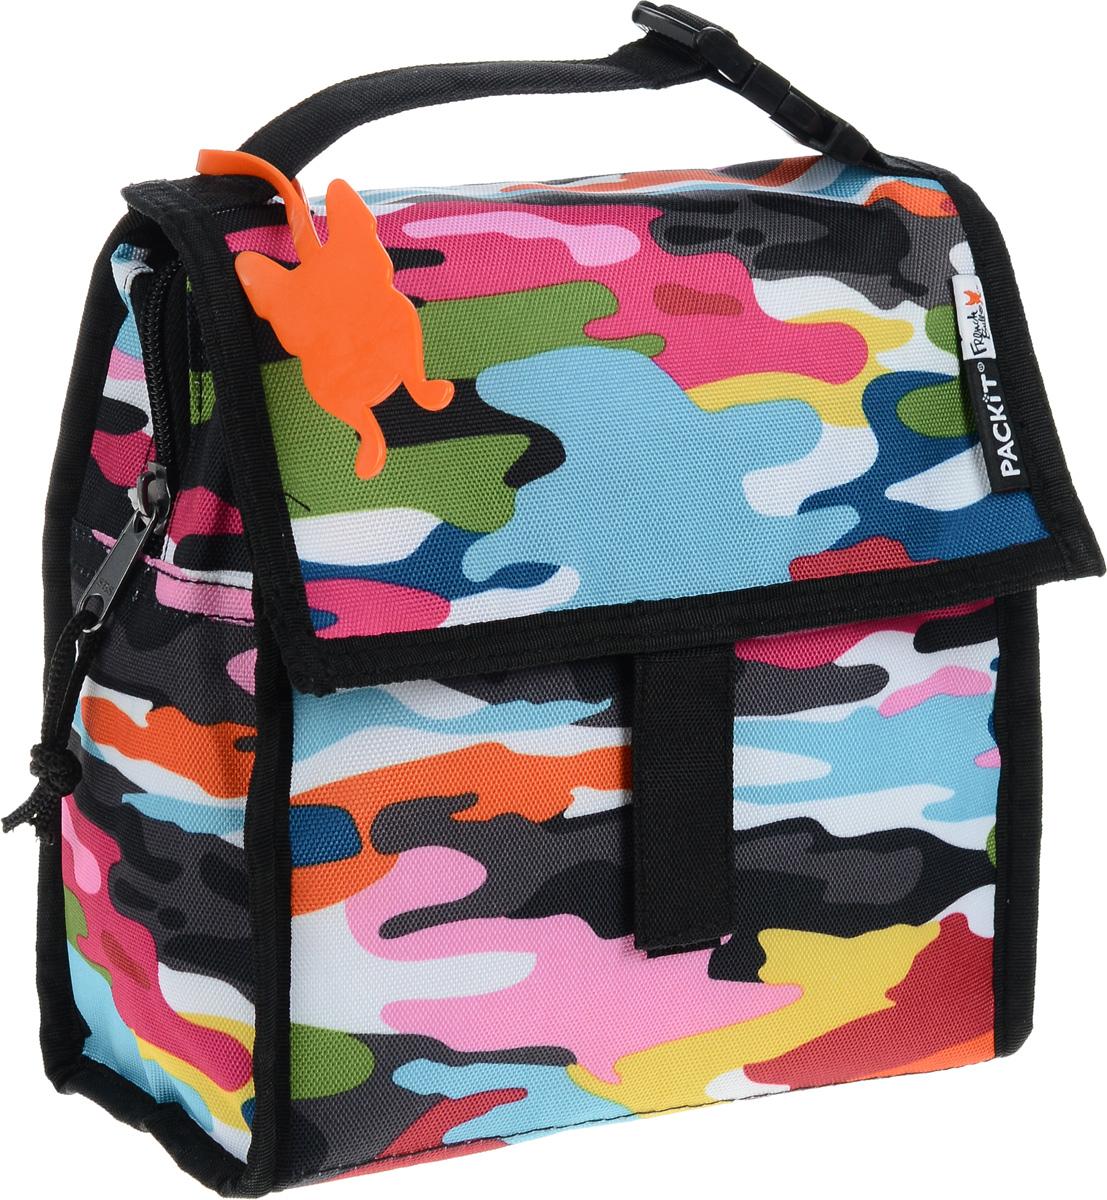 Сумка-холодильник Packit Lunch Bag, цвет: черный, розовый, голубой, 1,9 лPackit0011Сумка-холодильник Packit Lunch Bag предназначена для транспортировки и хранения продуктов и напитков. Охлаждает продукты как холодильник. Сумка изготовлена из ПВХ, BPA-Free (без содержания бисфенол А), внутренняя поверхность - из специального термоизоляционного материала, который надежно удерживает холод внутри. Для удобной переноски сумка снабжена ручкой с пластиковой защелкой. Сумка-холодильник закрывается на застежку-молнию, клапаном и фиксируется липучками. Сохраняет температуру до 10 часов. Размер сумки (в разложенном виде): 20 х 10,5 х 20 см. Размер сумки (в сложенном виде): 20 х 2 х 20 см.